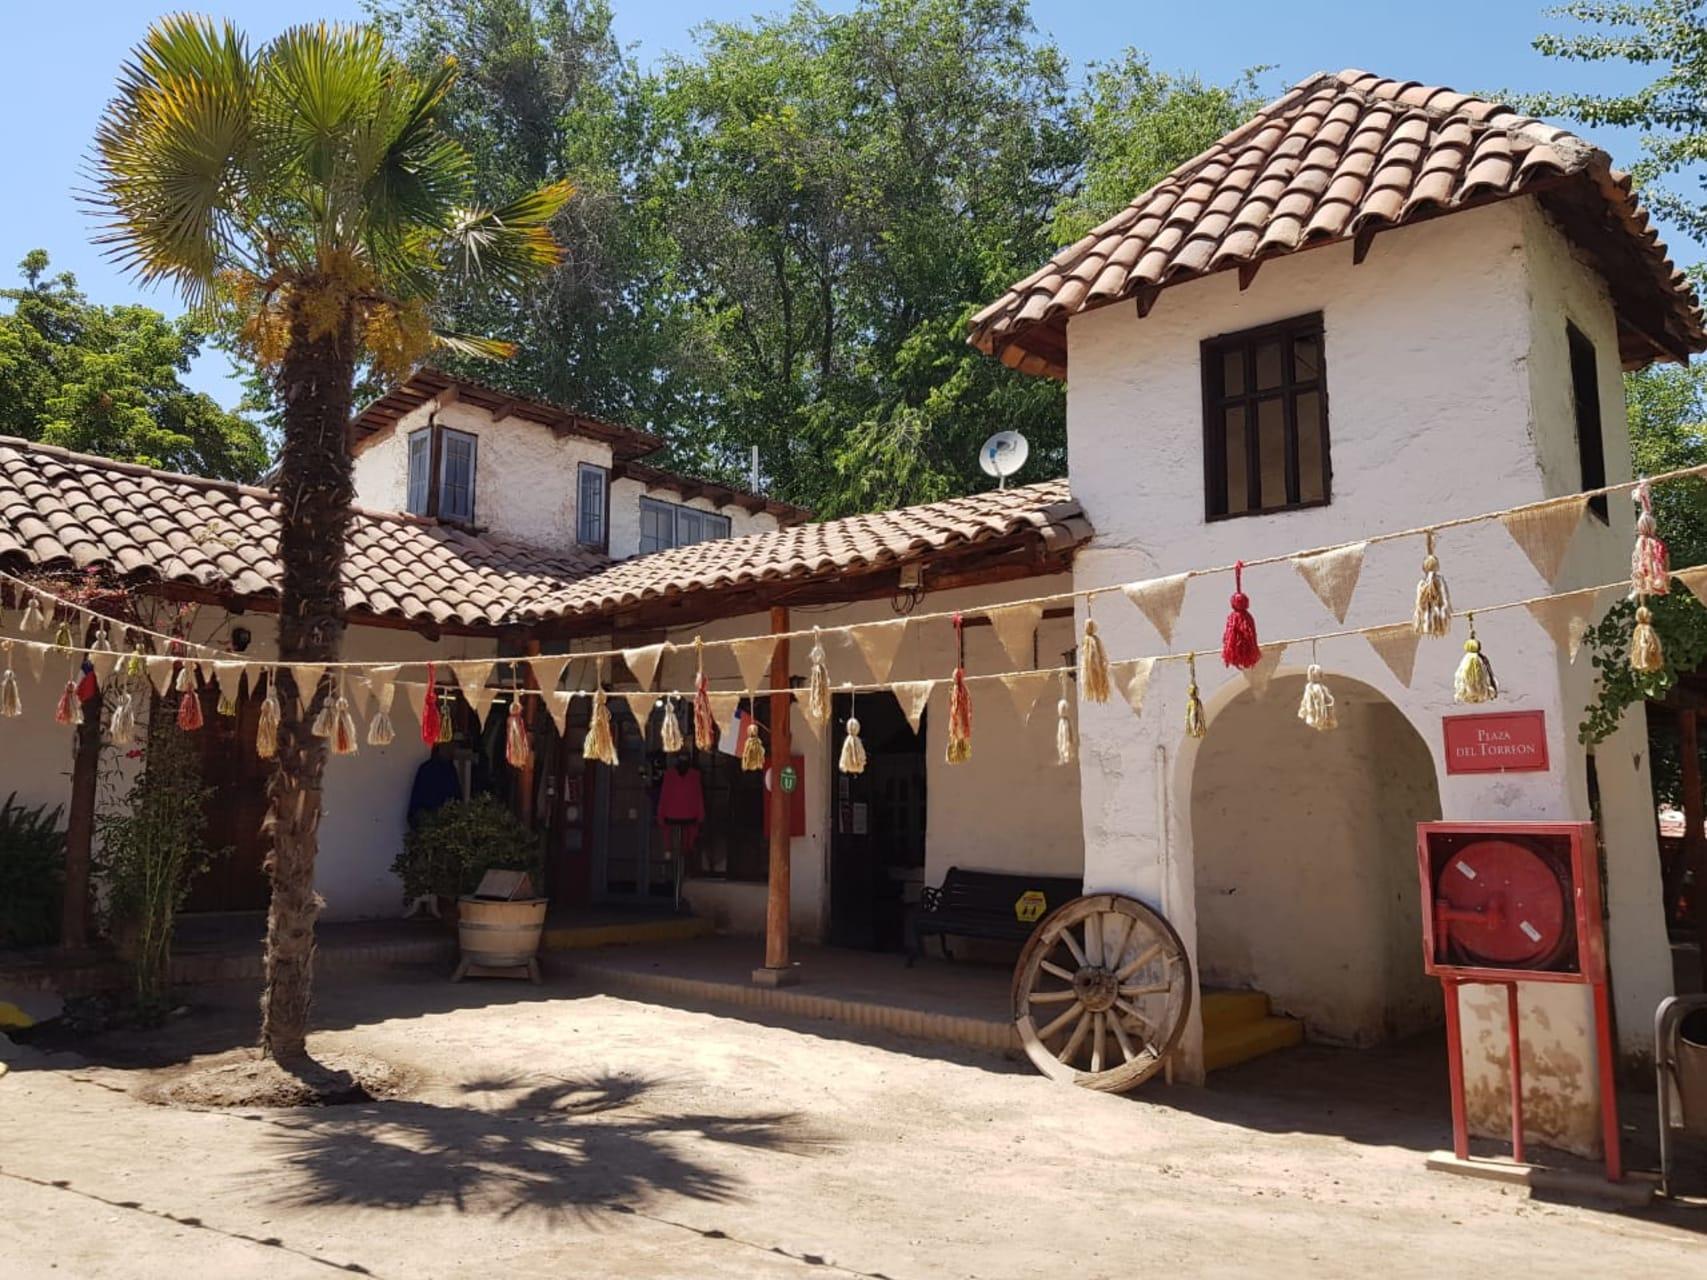 Santiago - Tradition, Culture and Craft in Los Dominicos Market